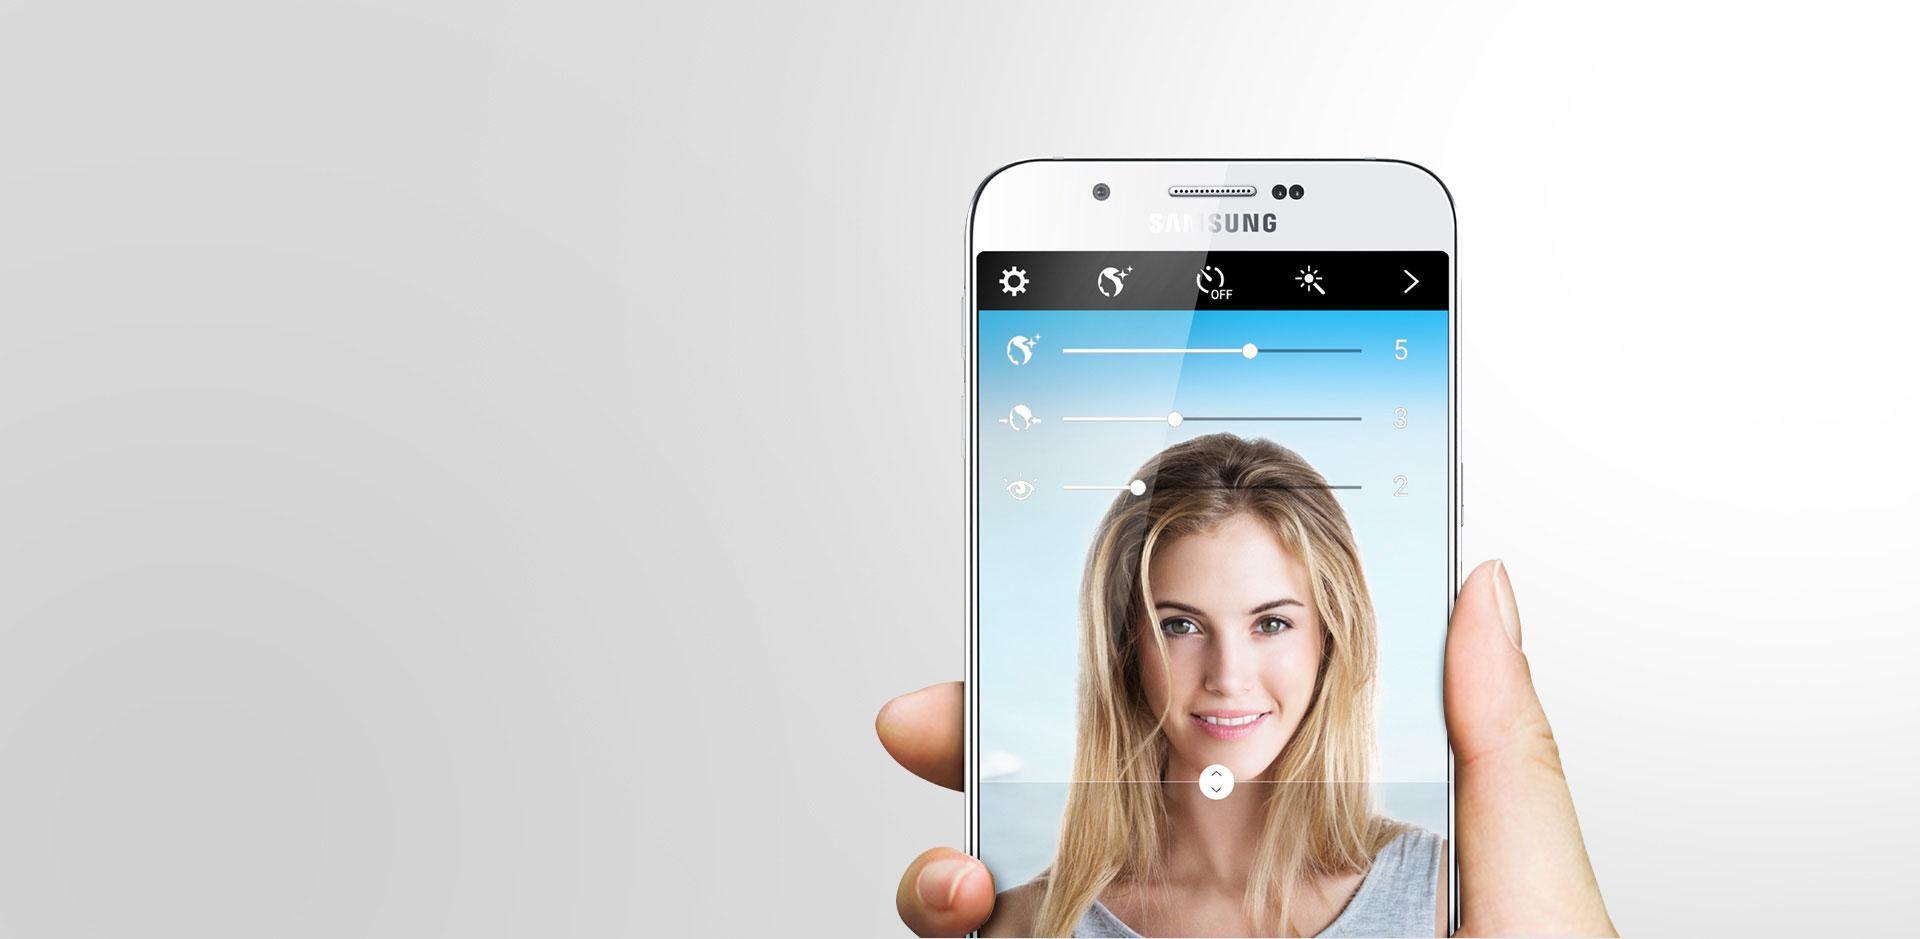 Samsung Galaxy A8 lifestyle